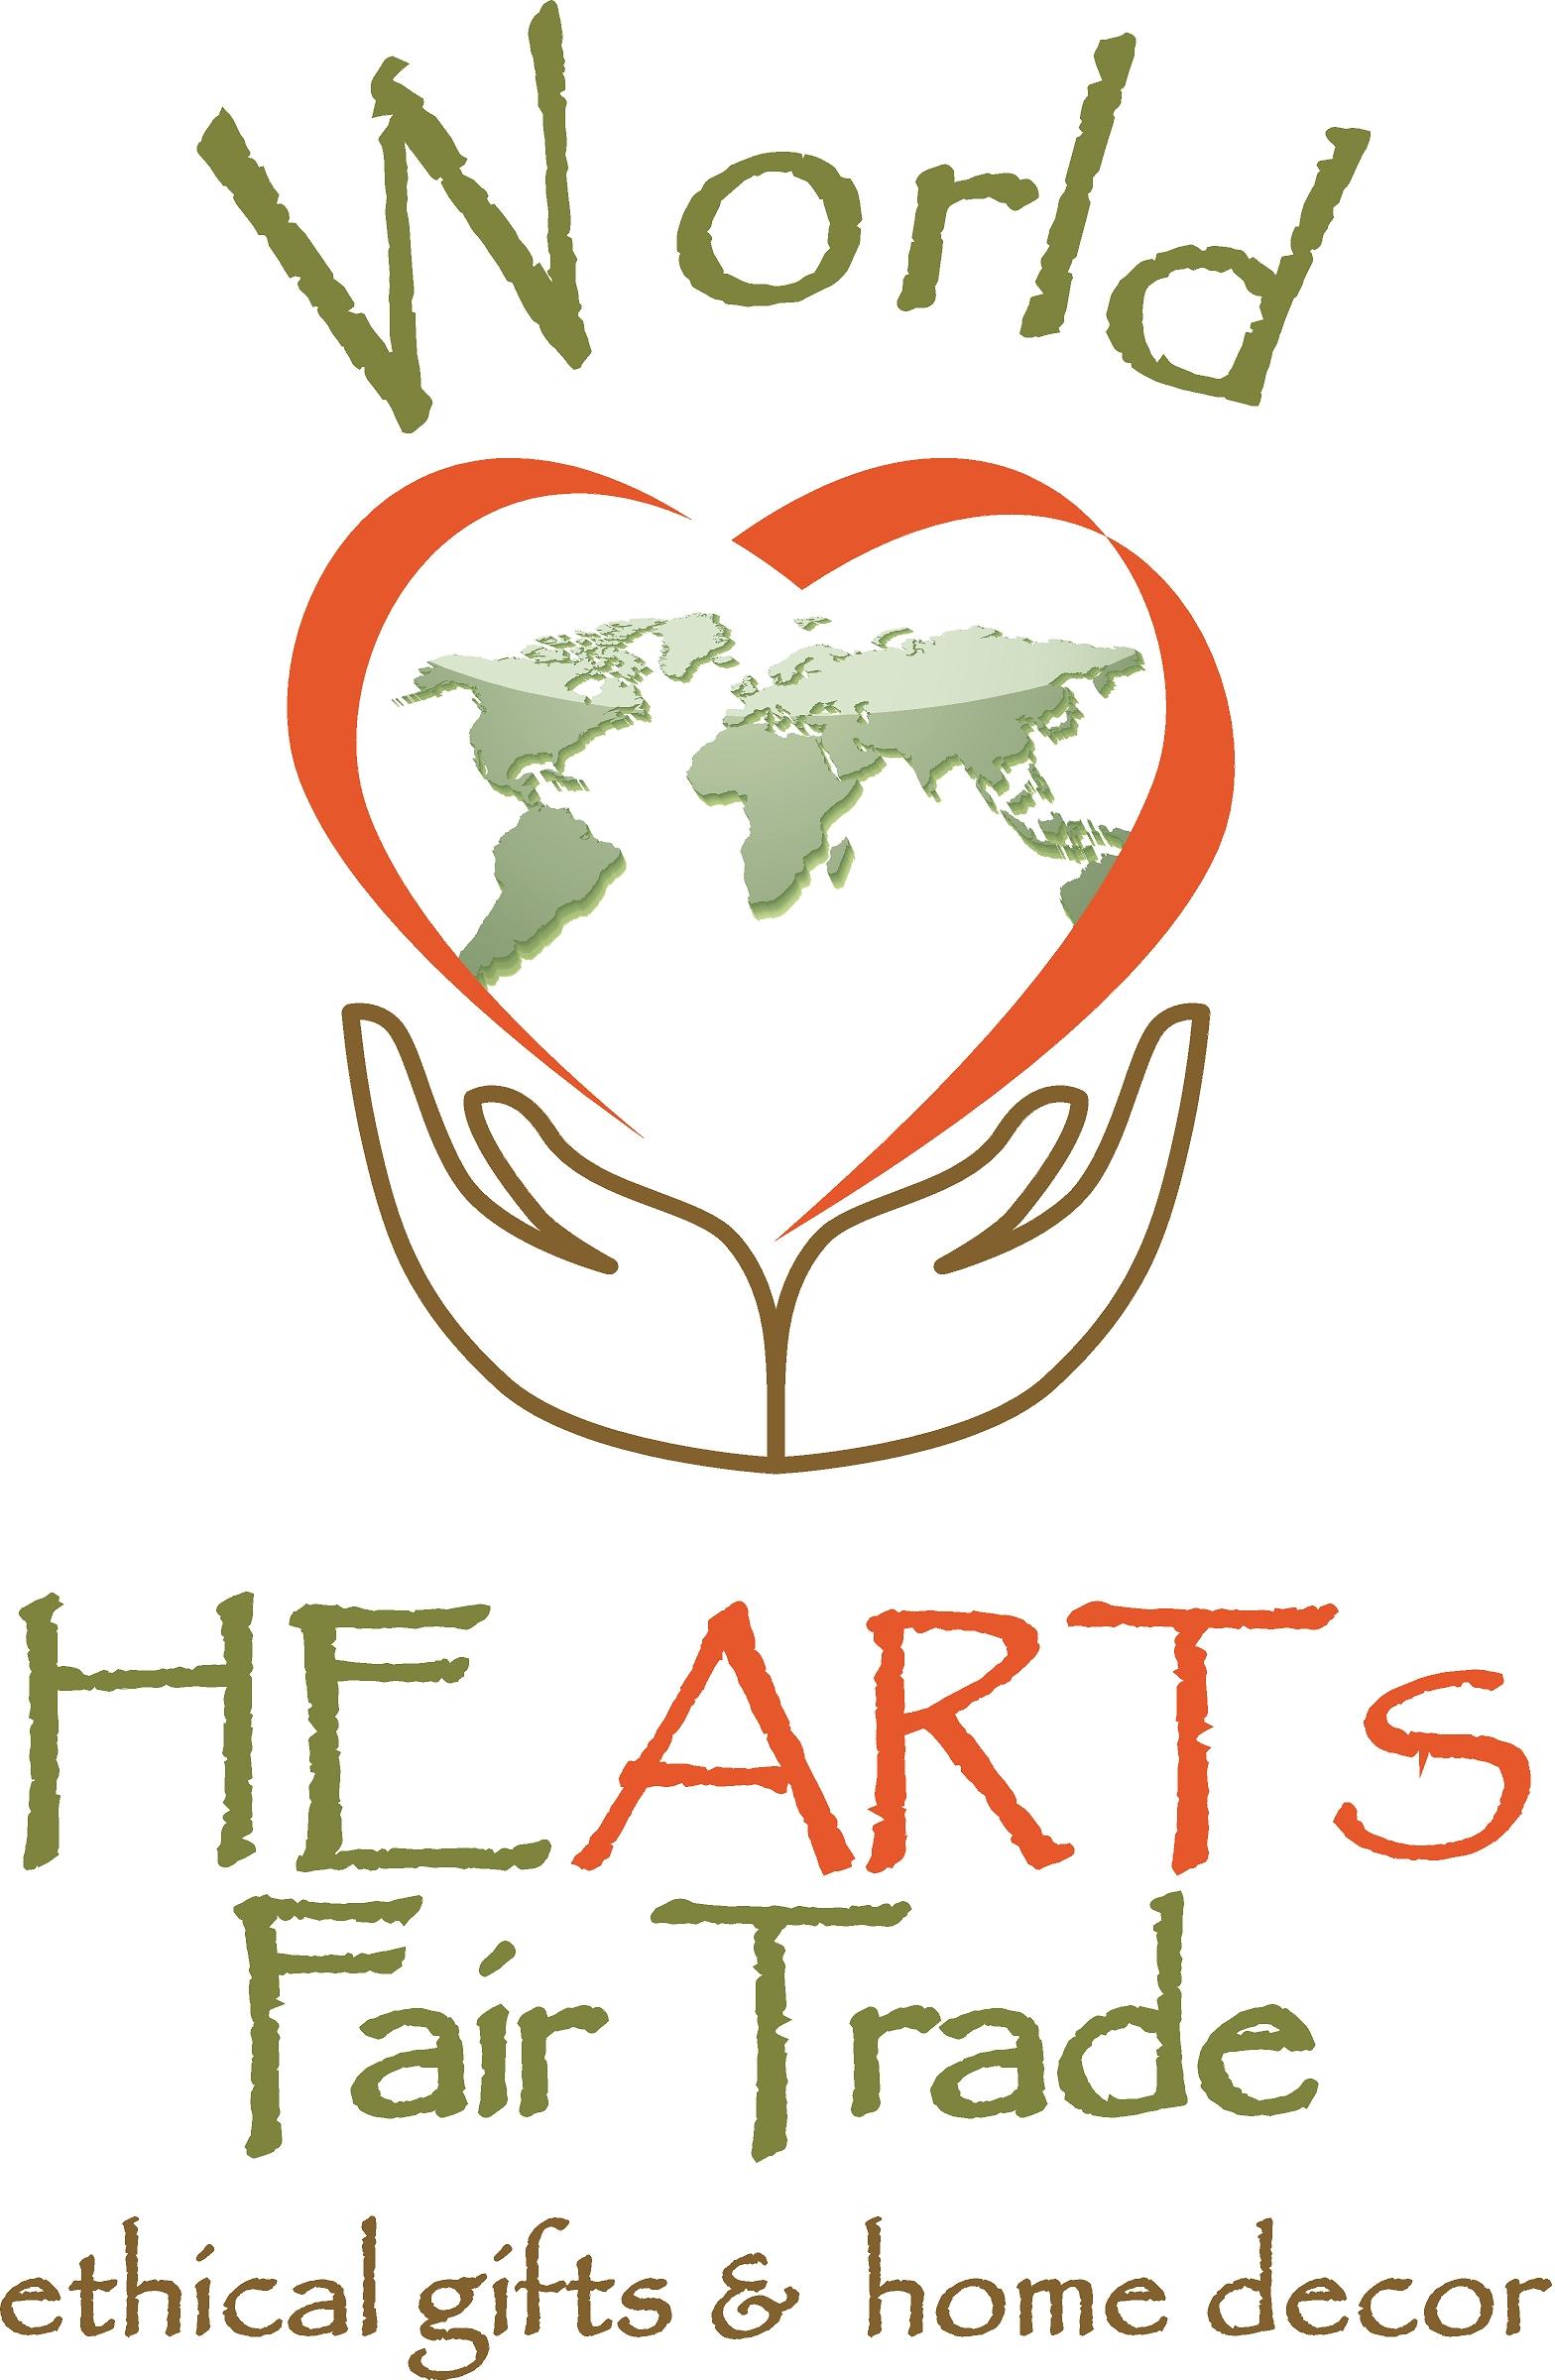 World HEARTS